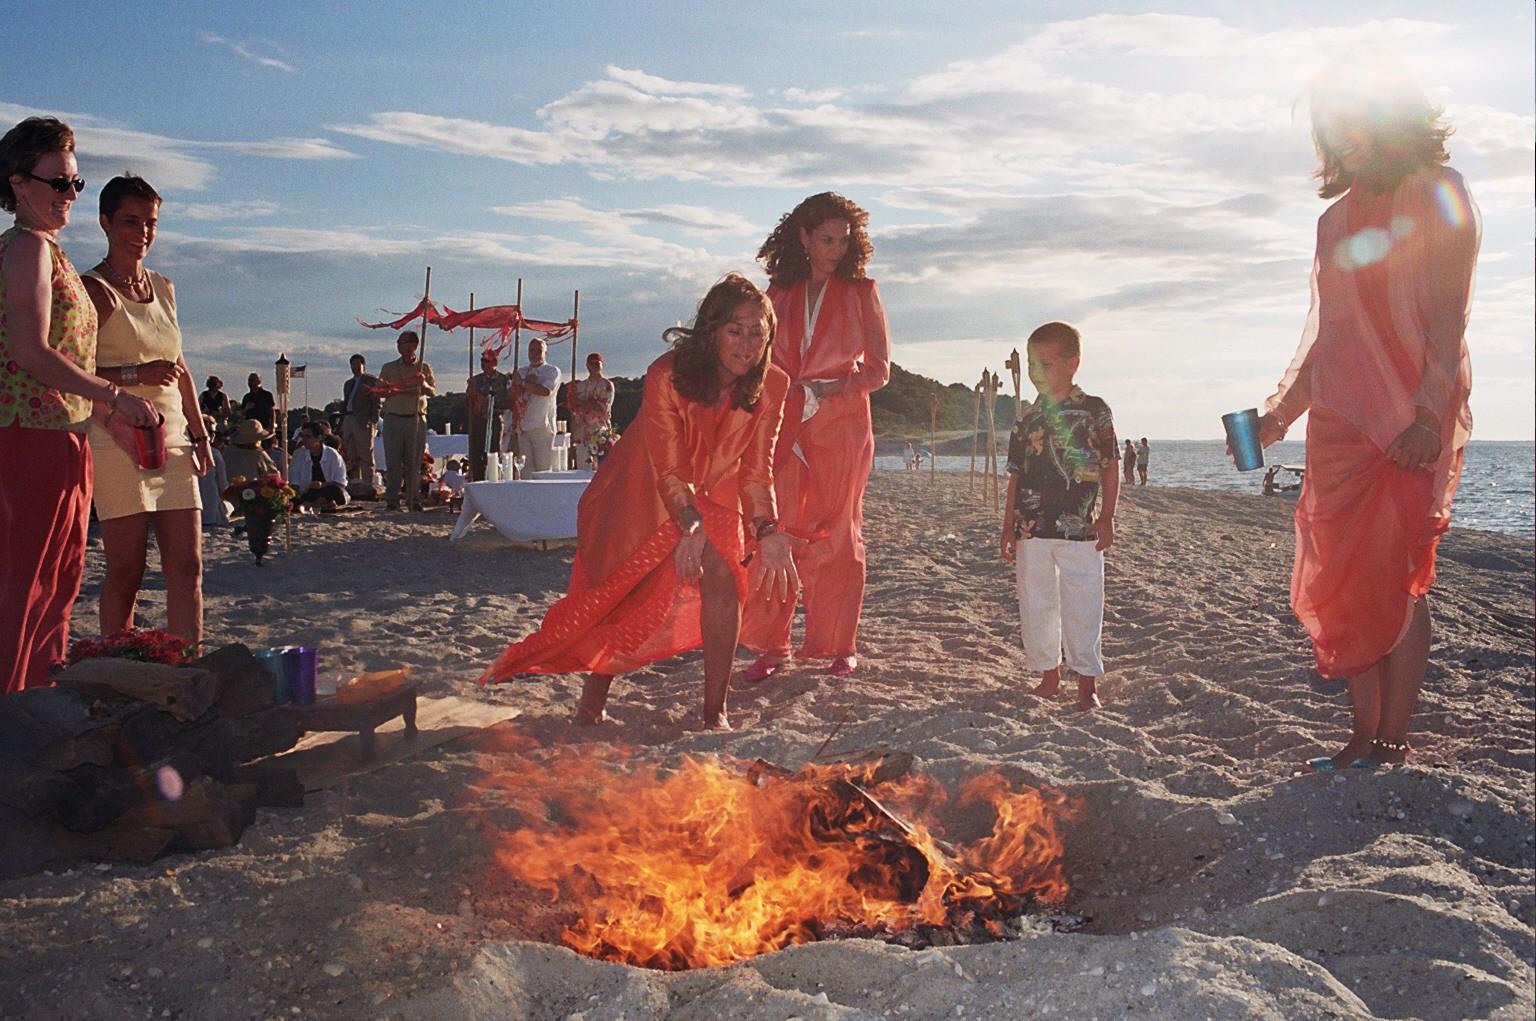 hogueras y rituales e1340466117540 - Ritual para la noche mágica de San Juan